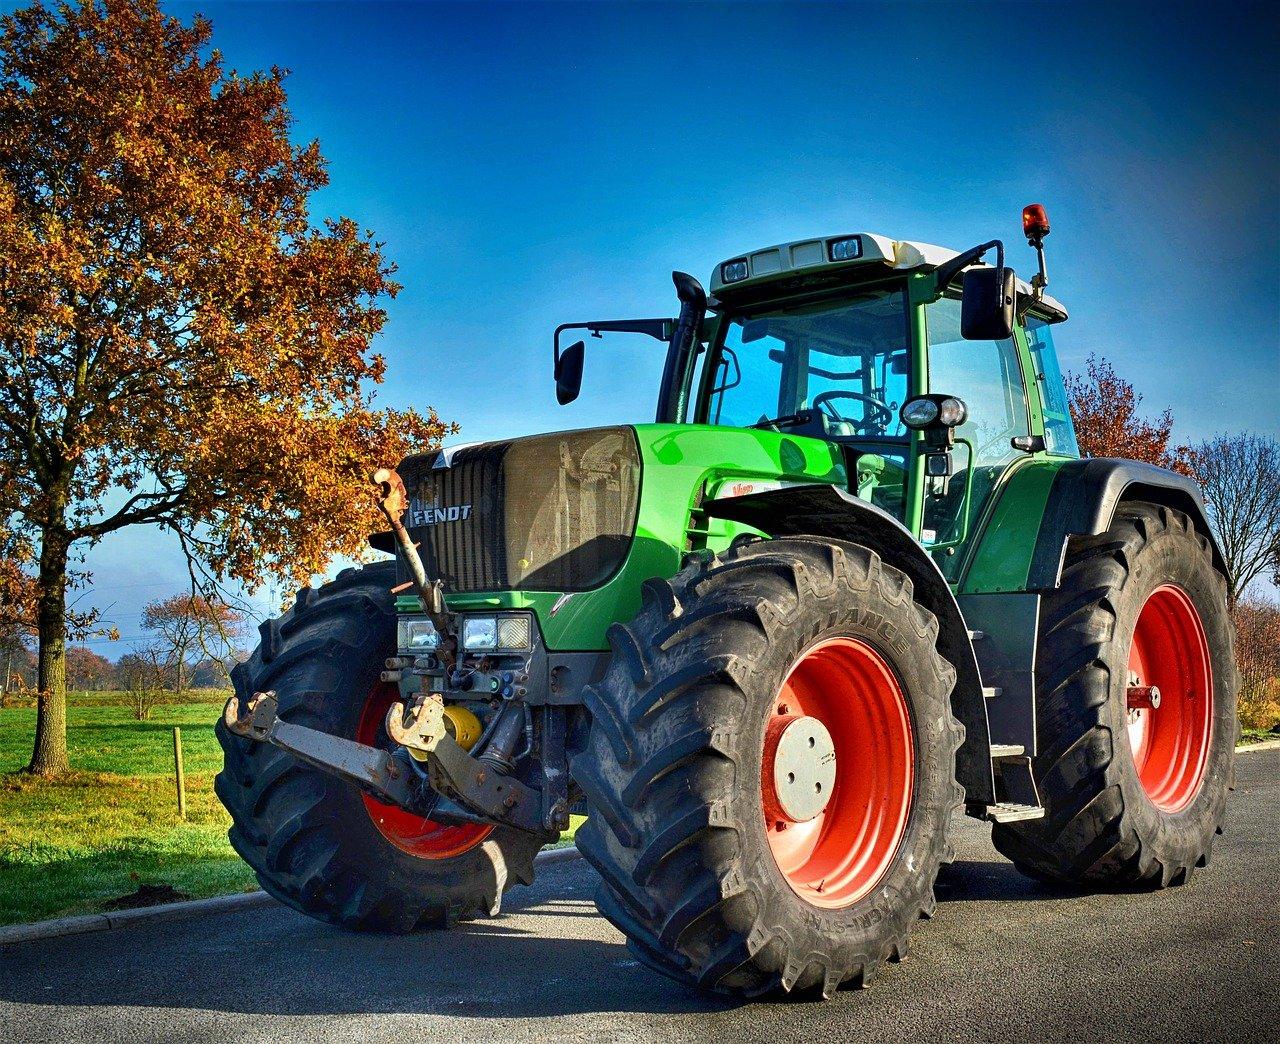 Comment faire la carte grise d'un tracteur ou engin agricole ?